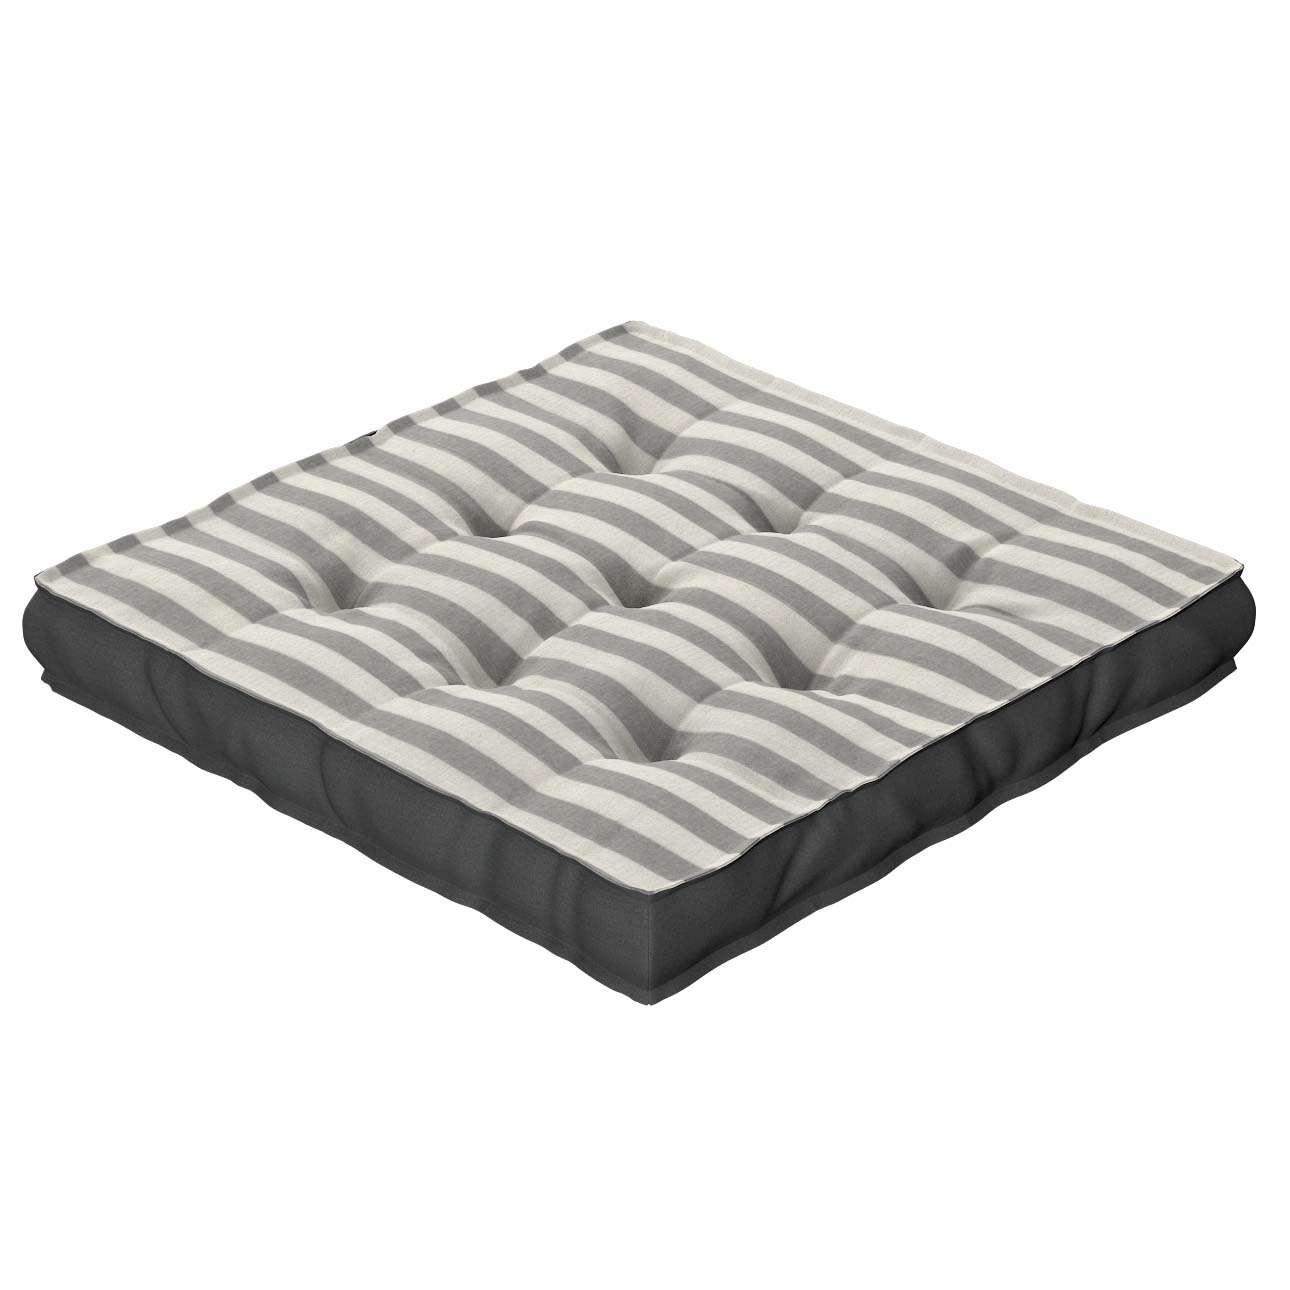 Sitzkissen Jacob mit Handgriff 40 x 40 x 6 cm von der Kollektion Quadro, Stoff: 136-12